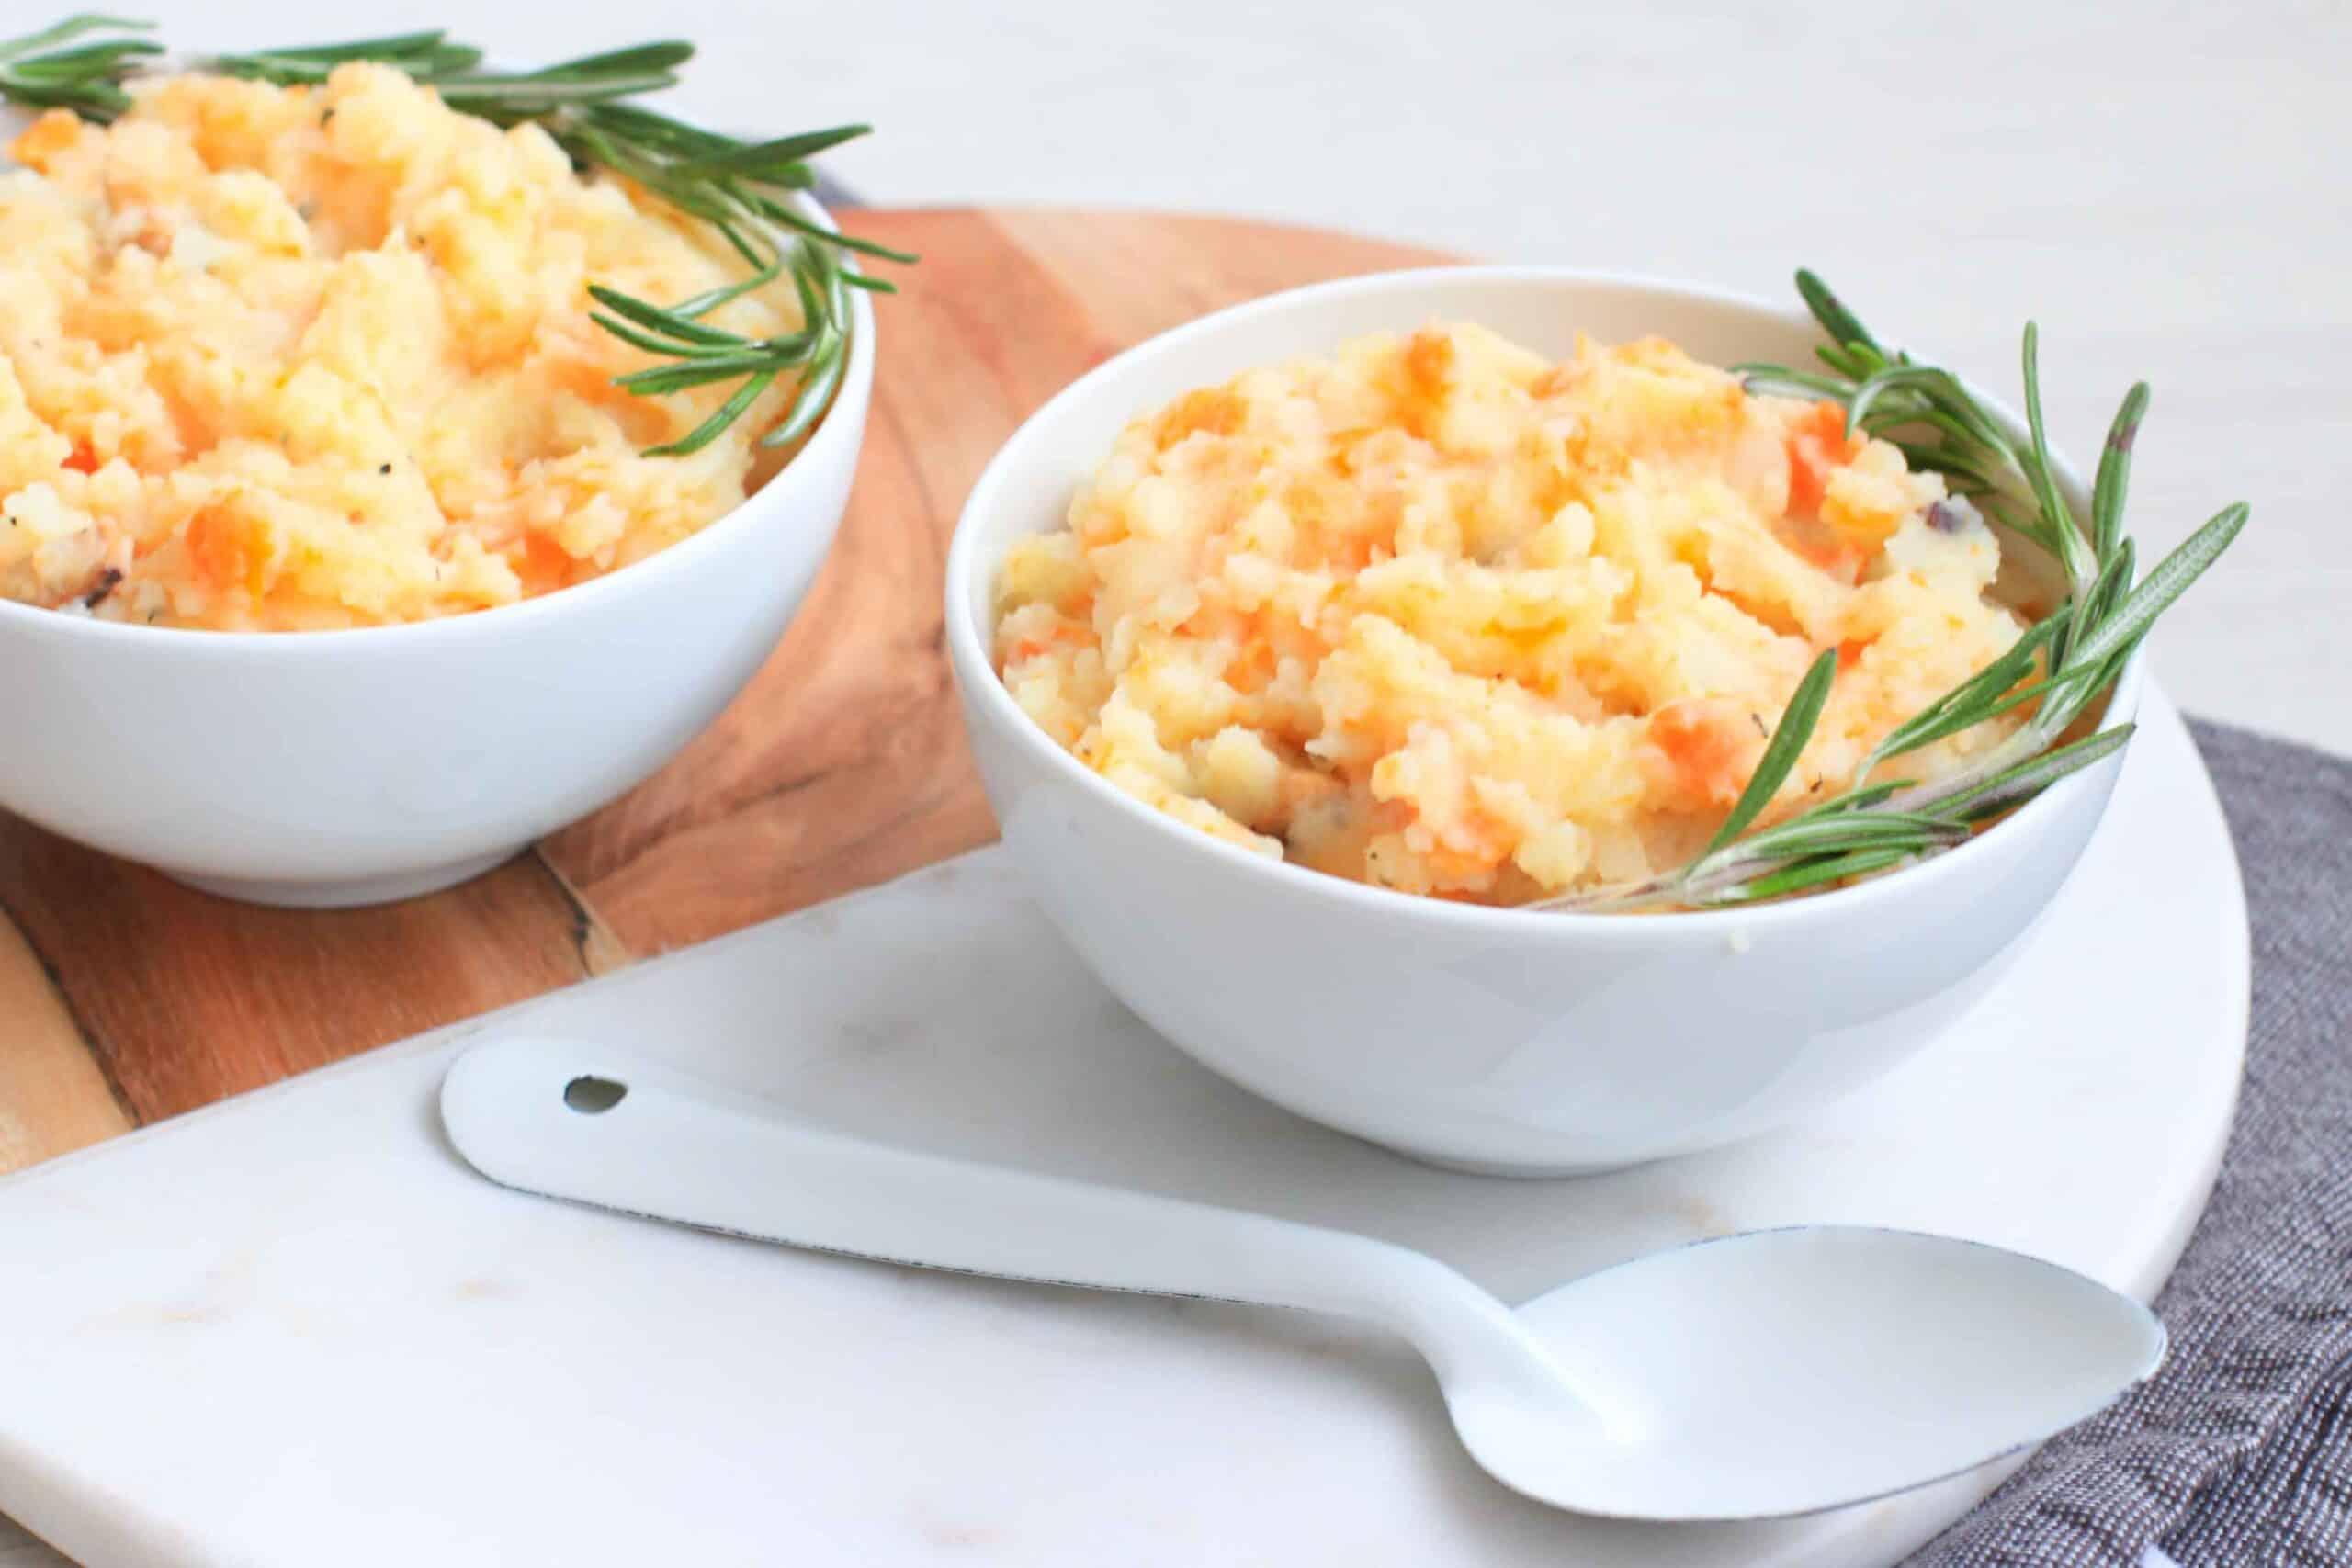 winter-stamppot-puree-pastinaak-aardappel-wortel